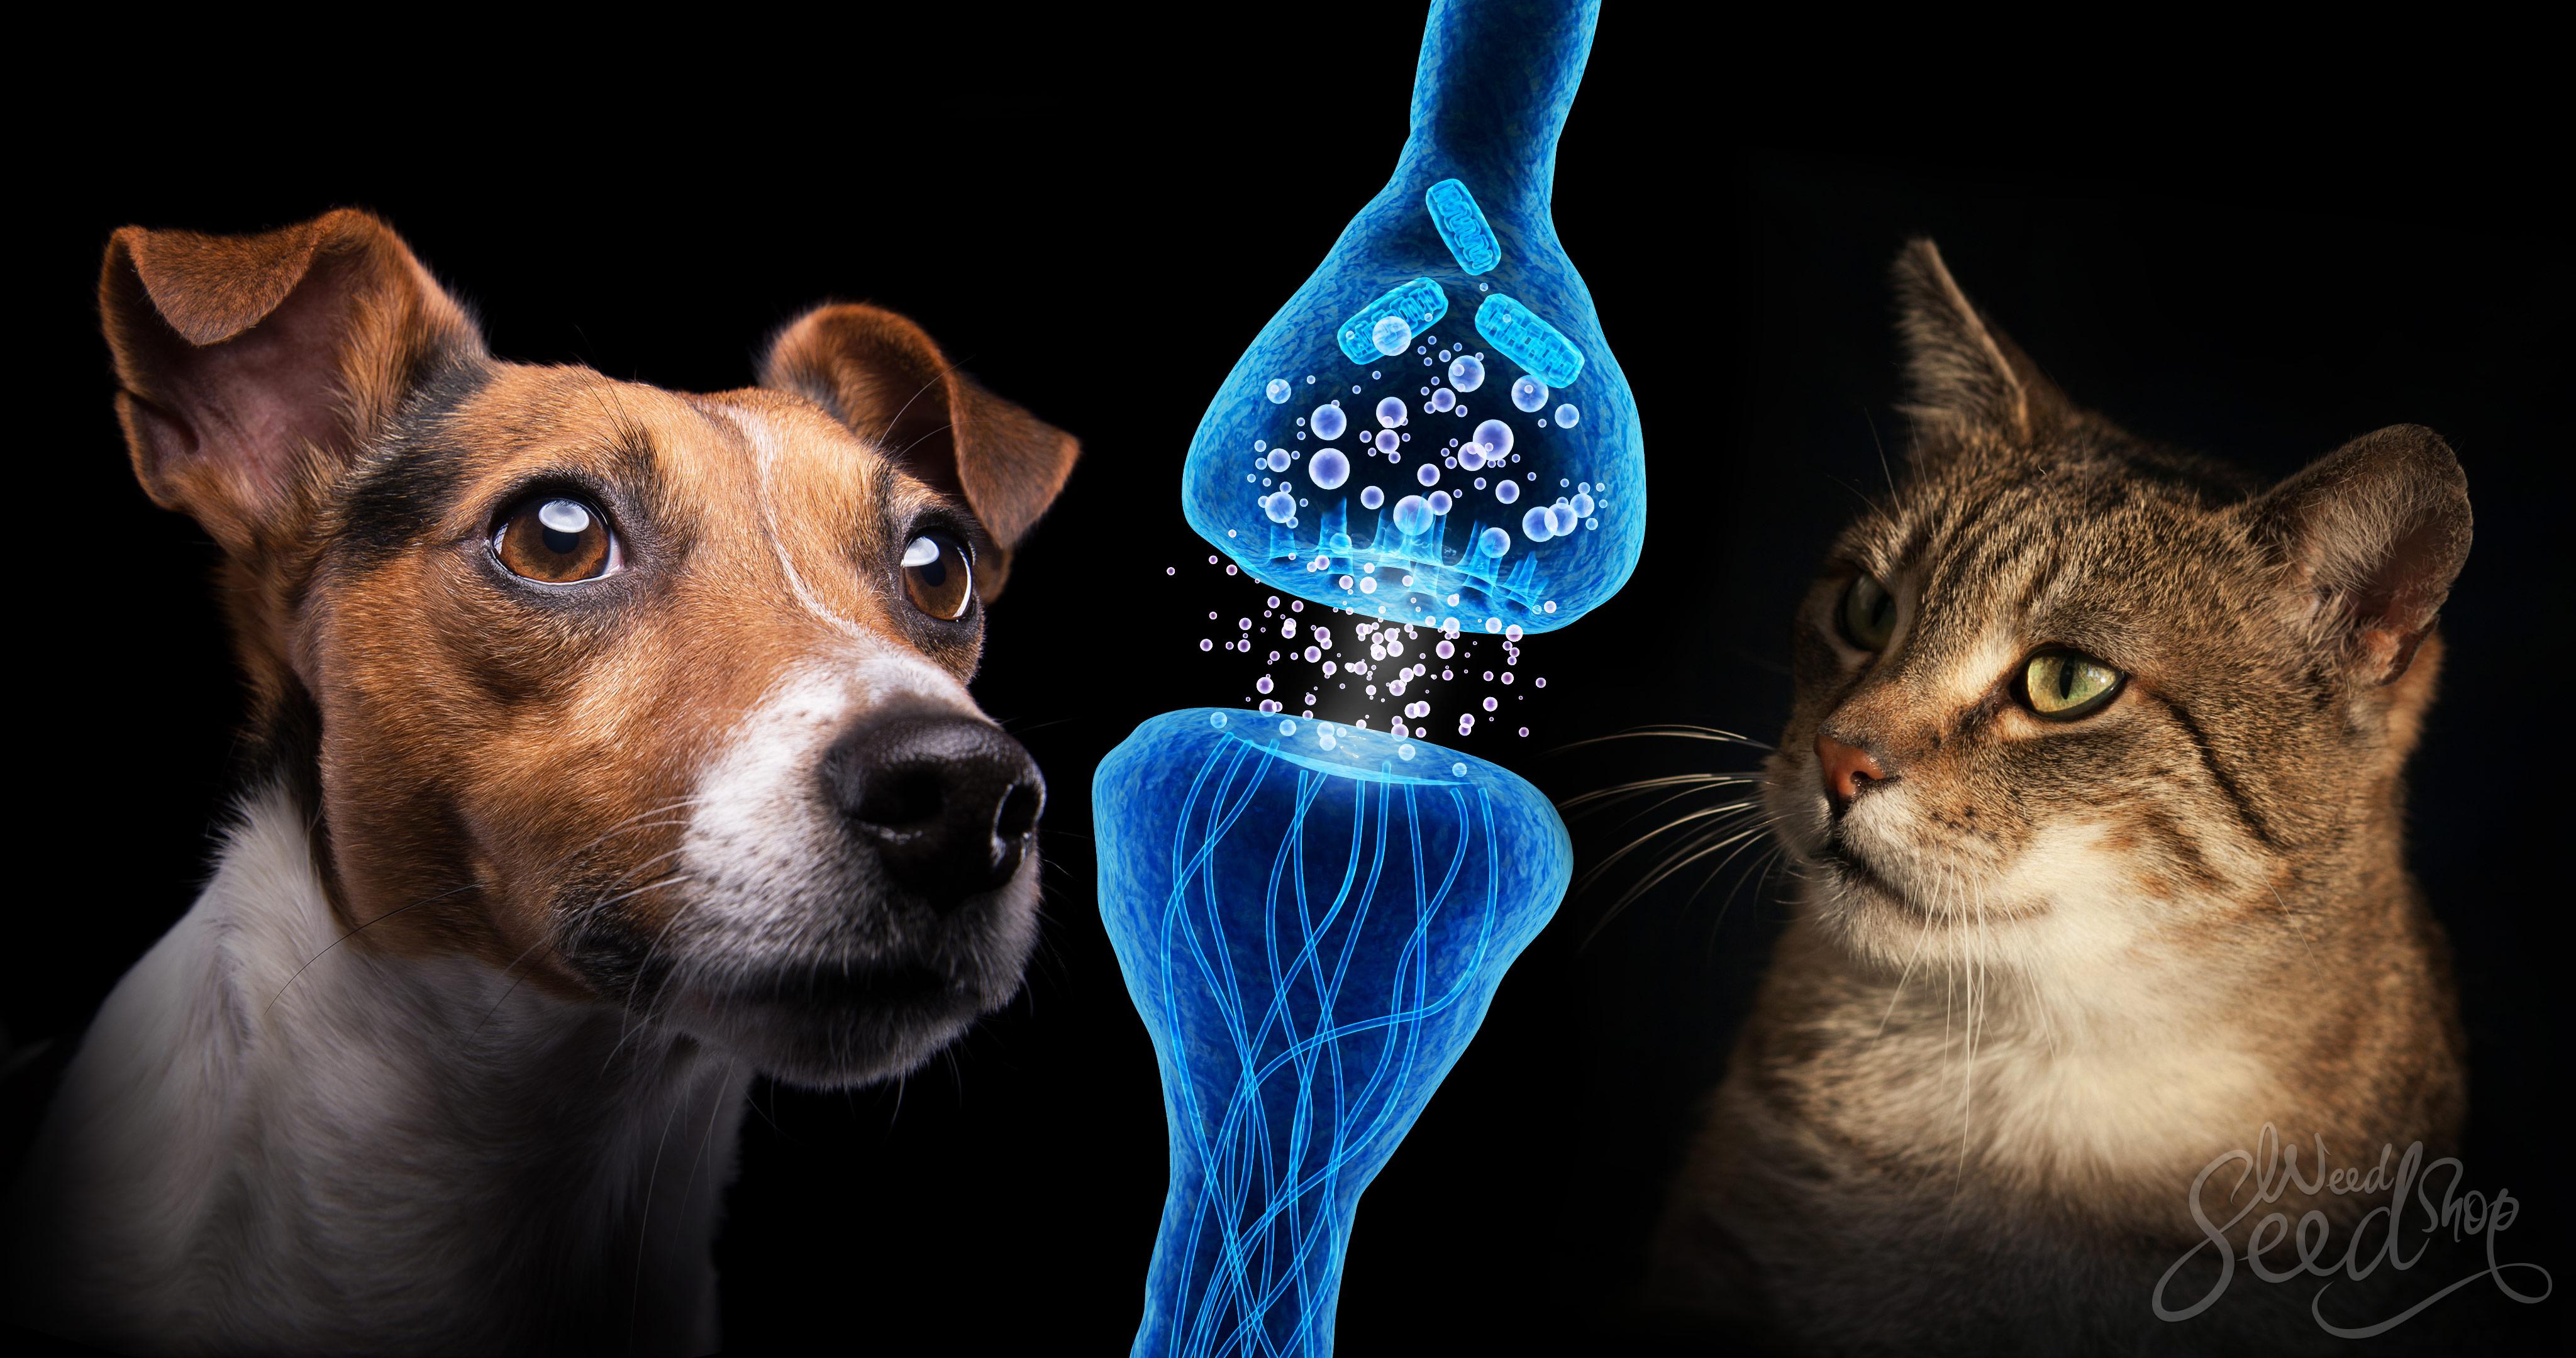 Cómo Puede Ayudar el Cannabis a los Gatos y Perros - WeedSeedShop Blog